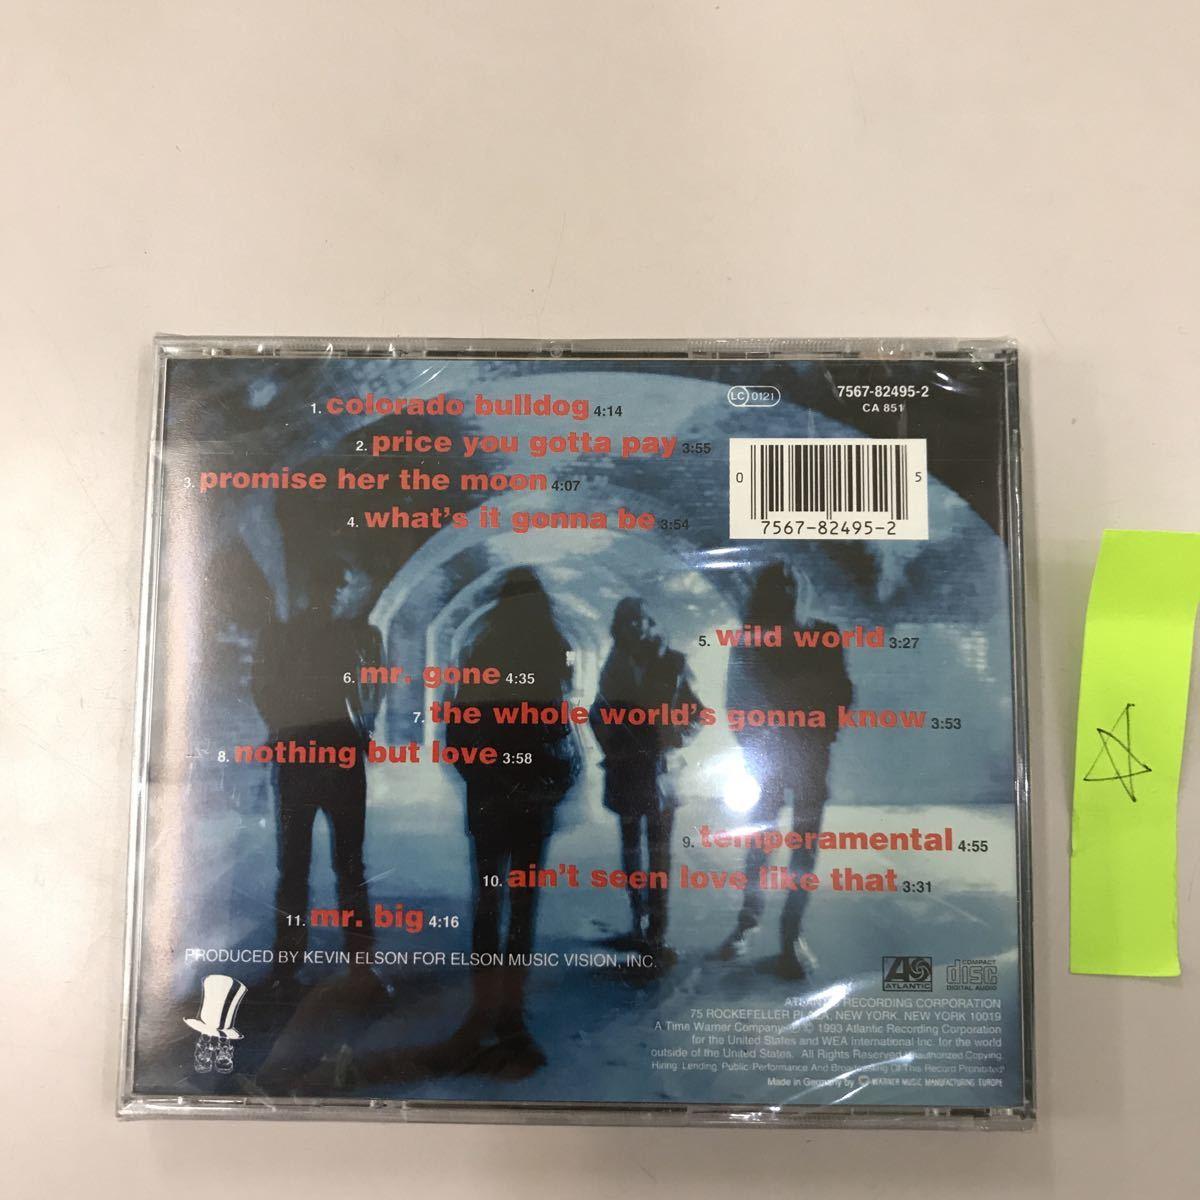 CD 輸入盤未開封【洋楽】長期保存品 MR.BIG